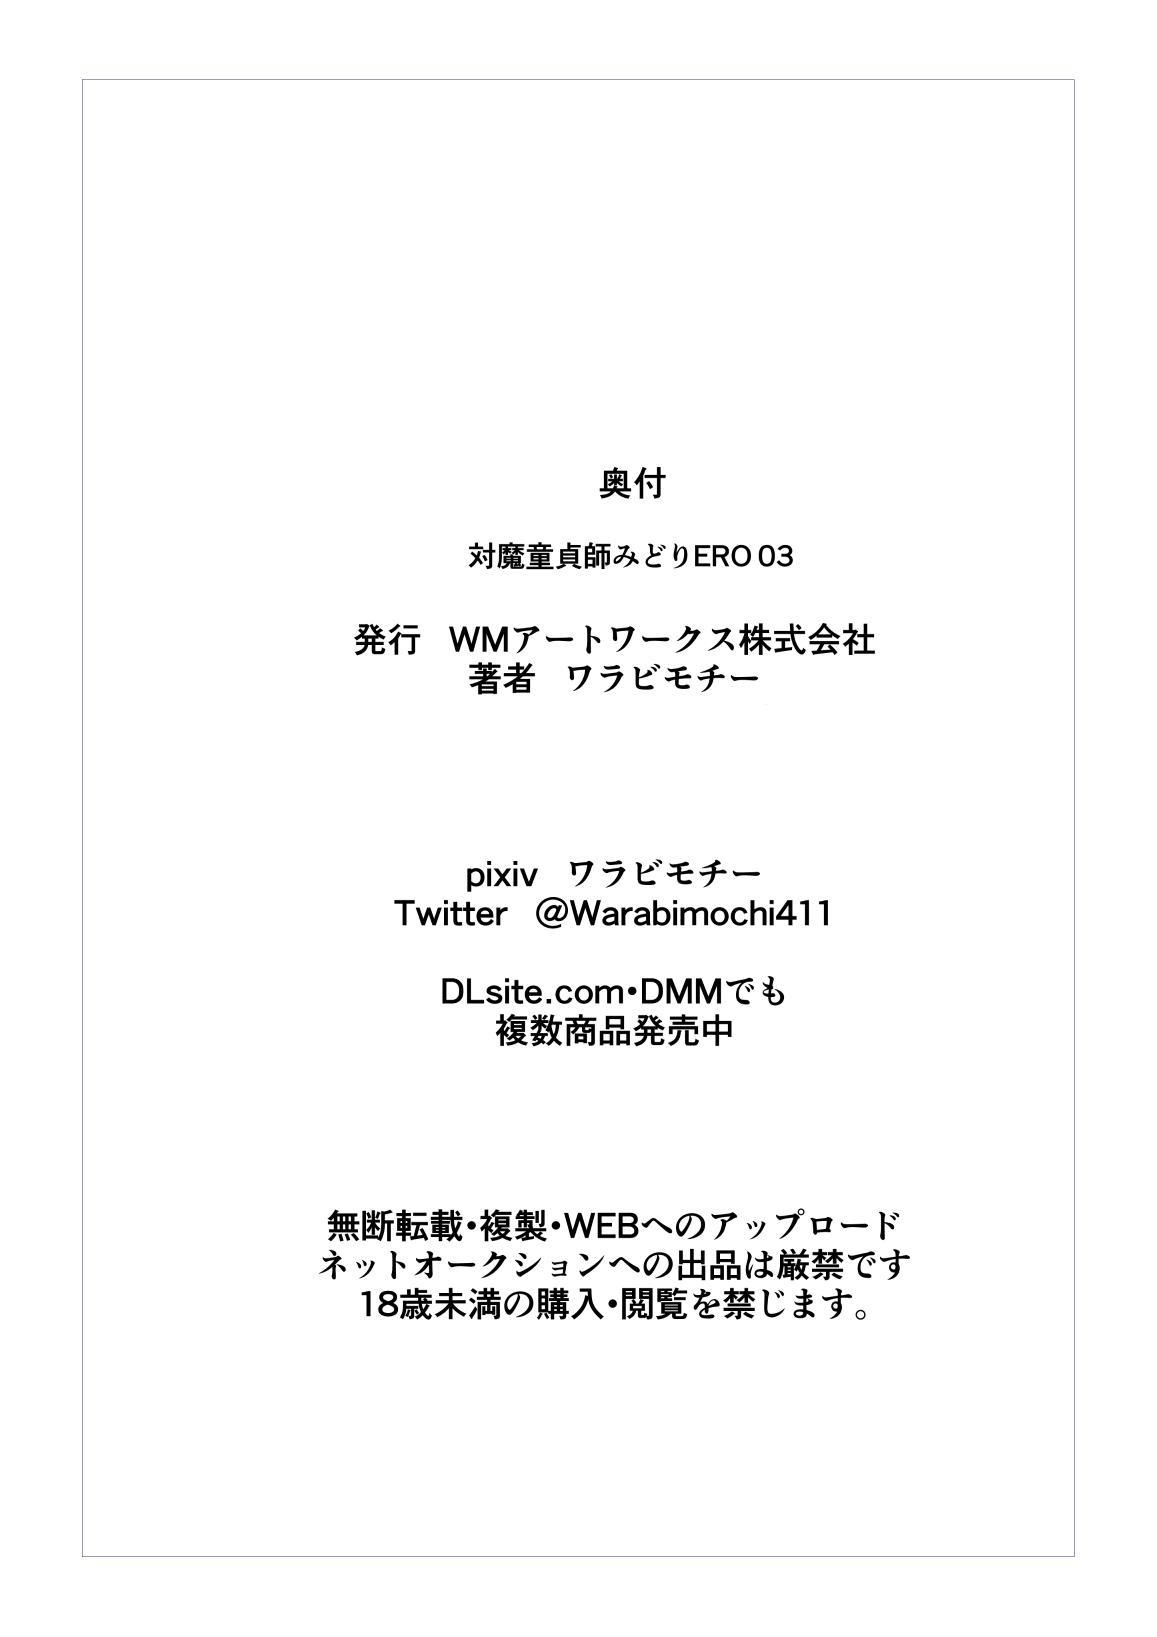 Taimadouteishi Midori Ero 03 JK Taimashi VS Futanari Choukyoushi! 31